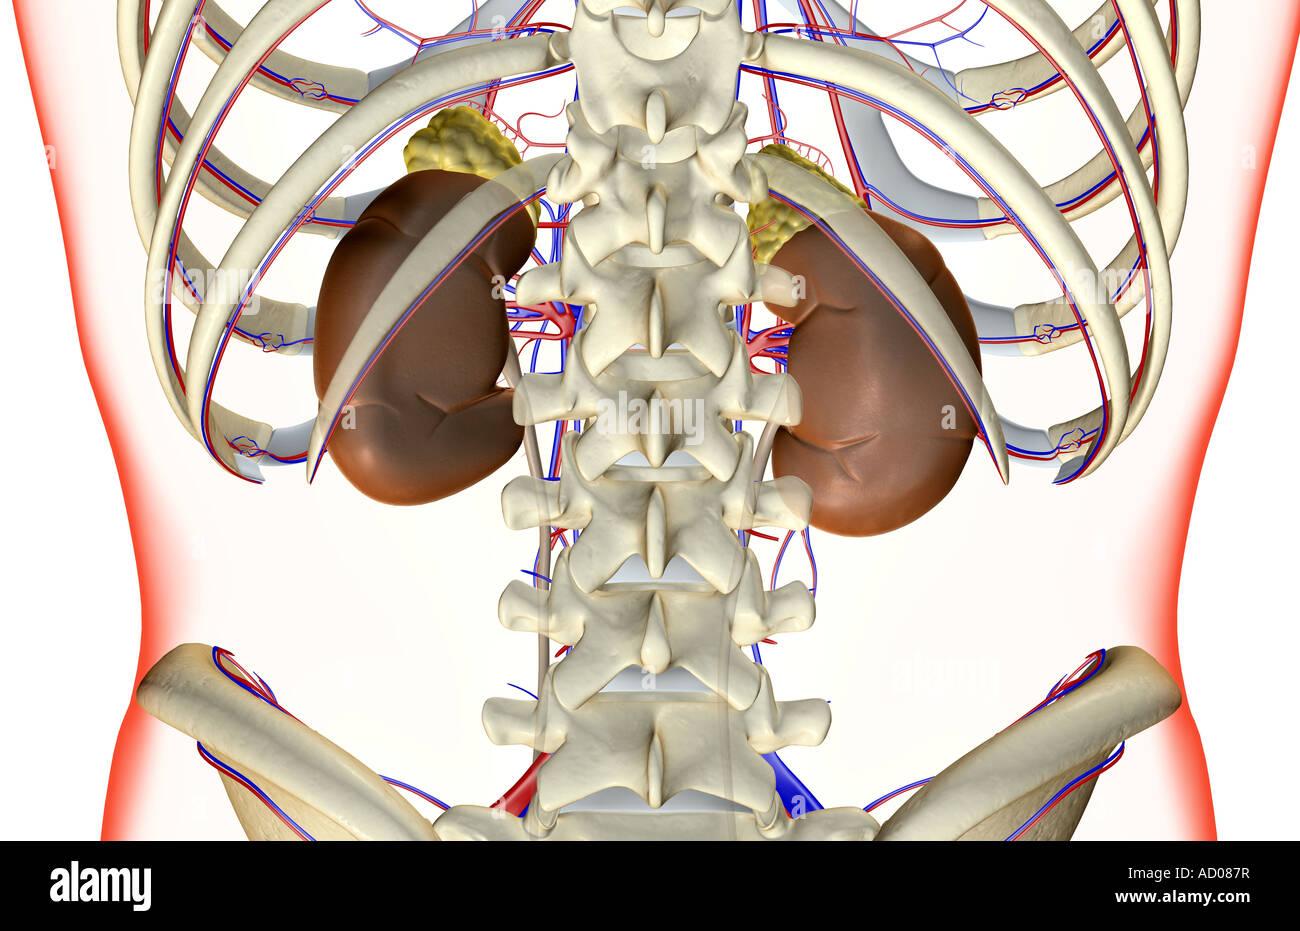 Kidneys Human Stockfotos & Kidneys Human Bilder - Seite 3 - Alamy